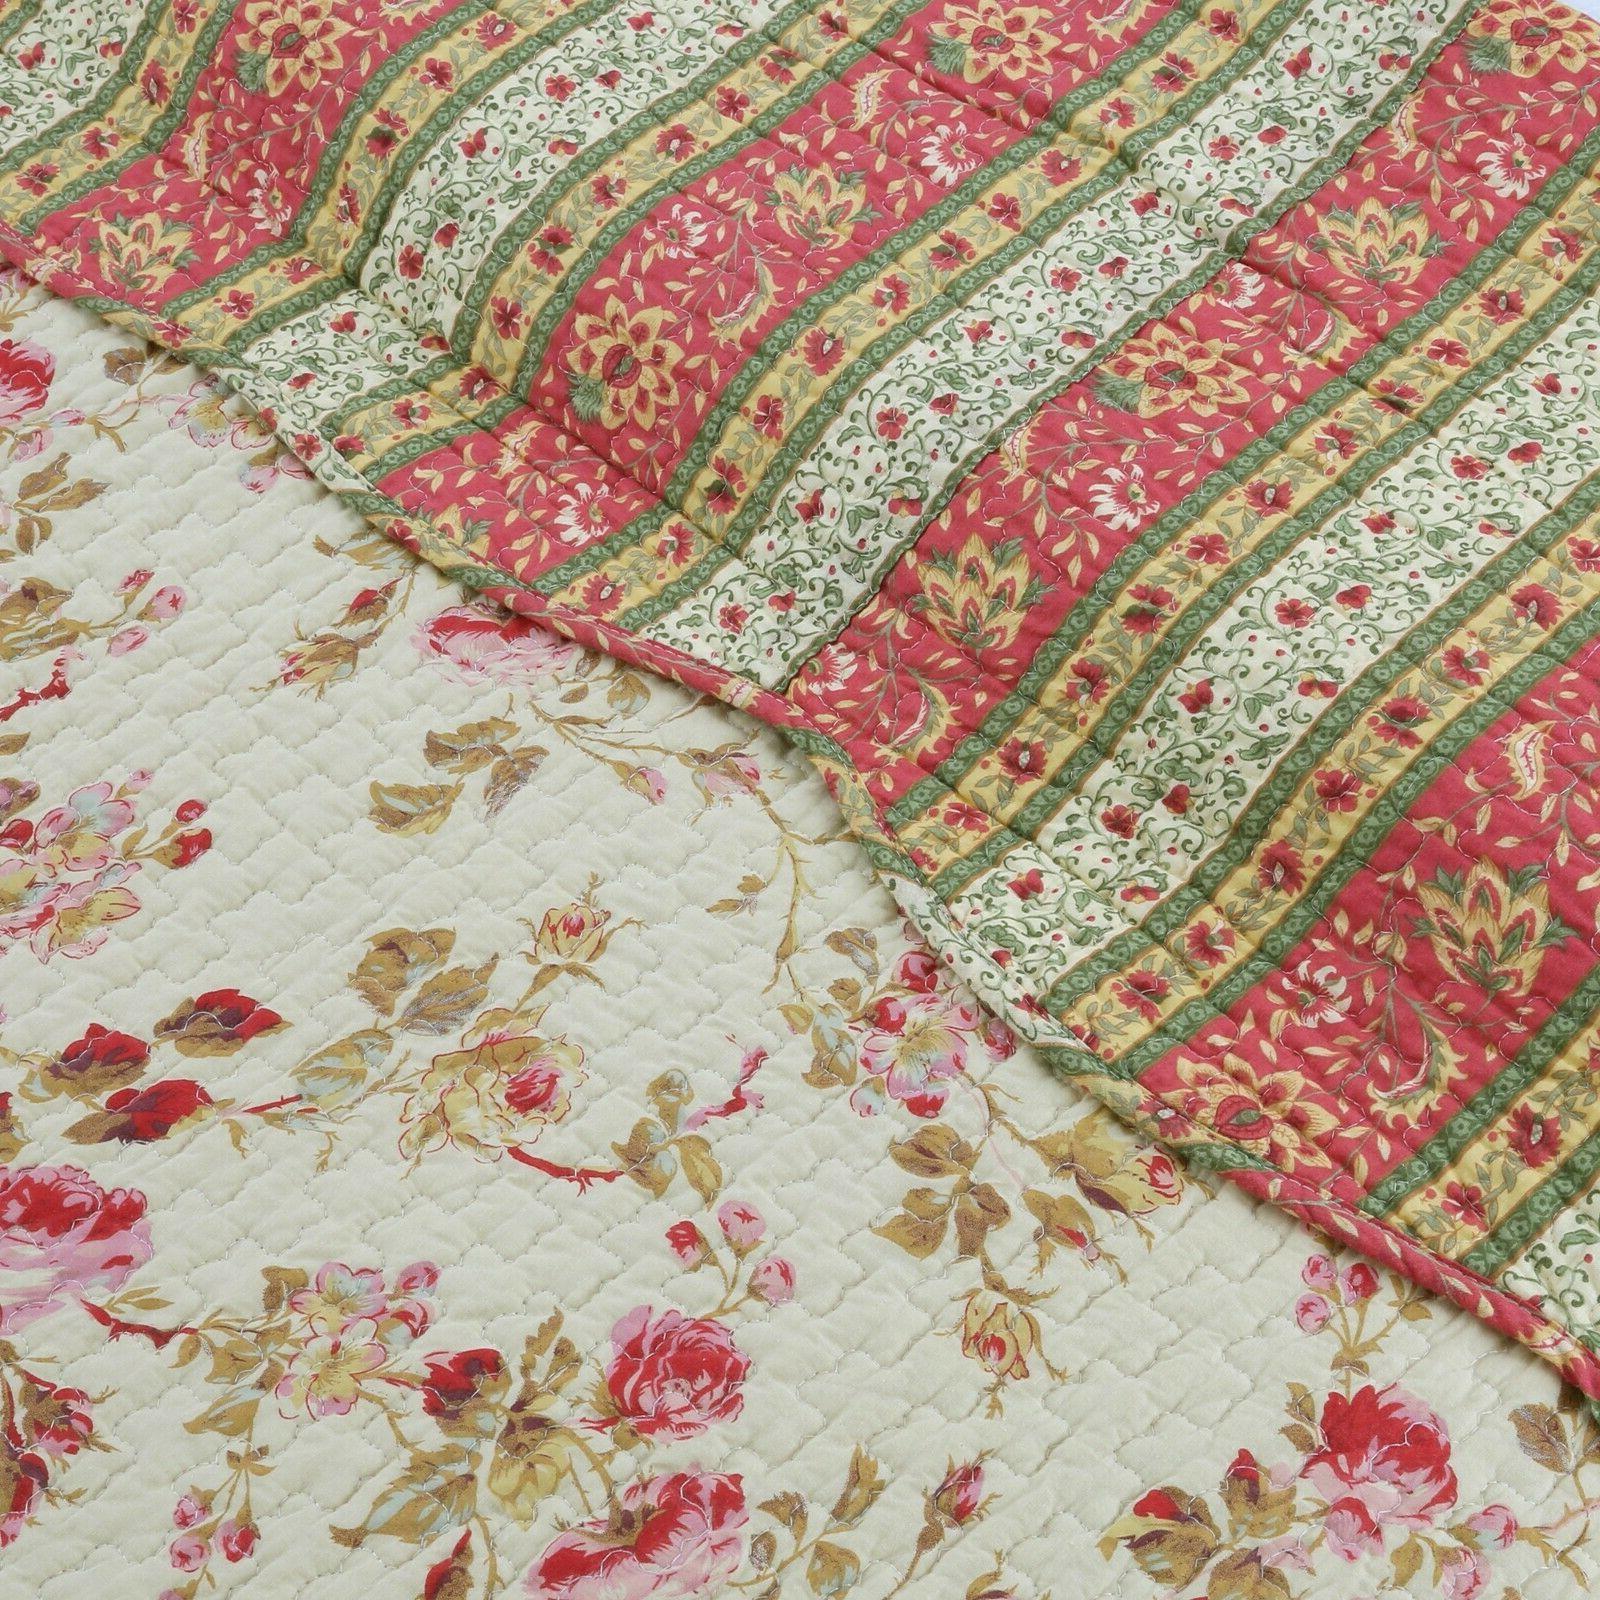 Vintage Rose Floral 3-Piece Quilt Set, Bedspread, Coverlet